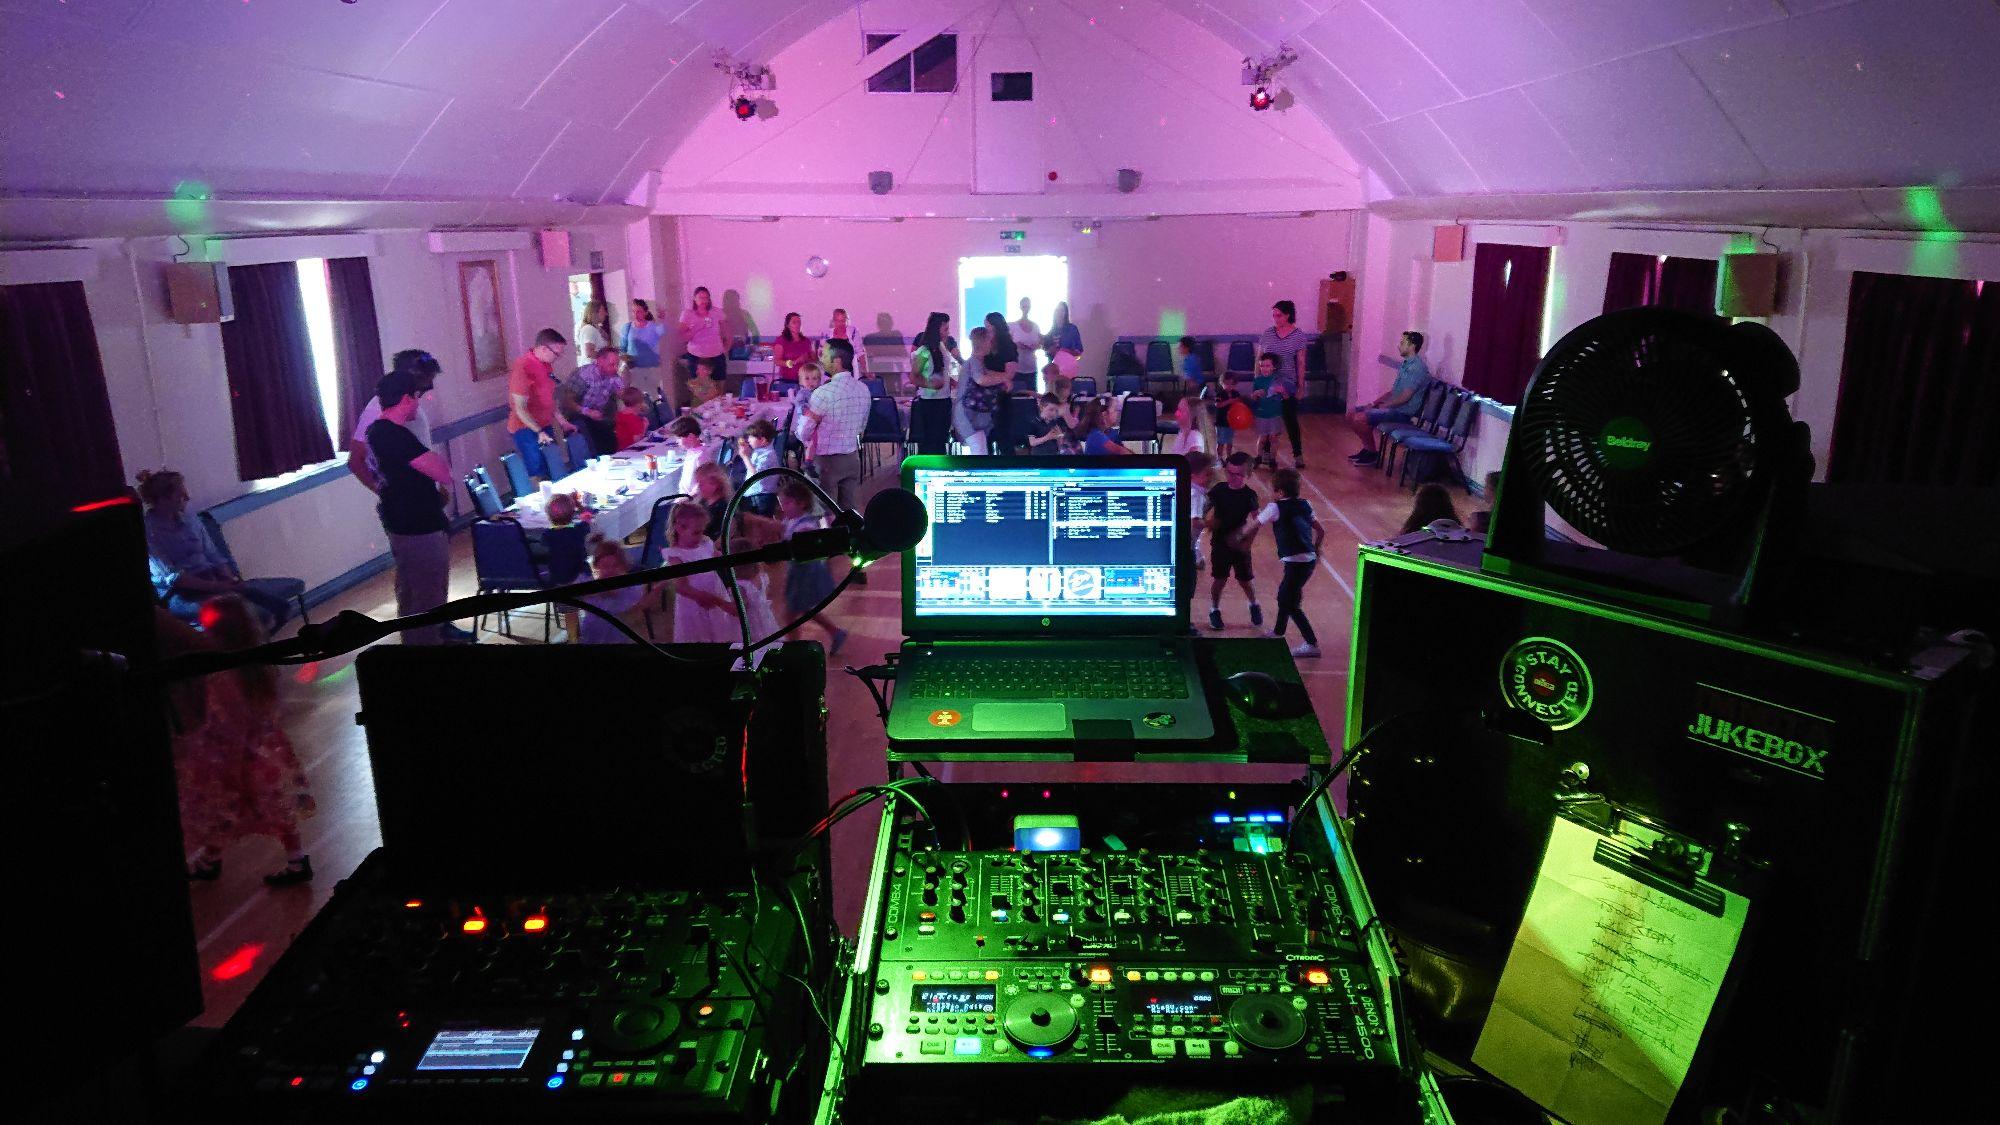 children's party village hall 2